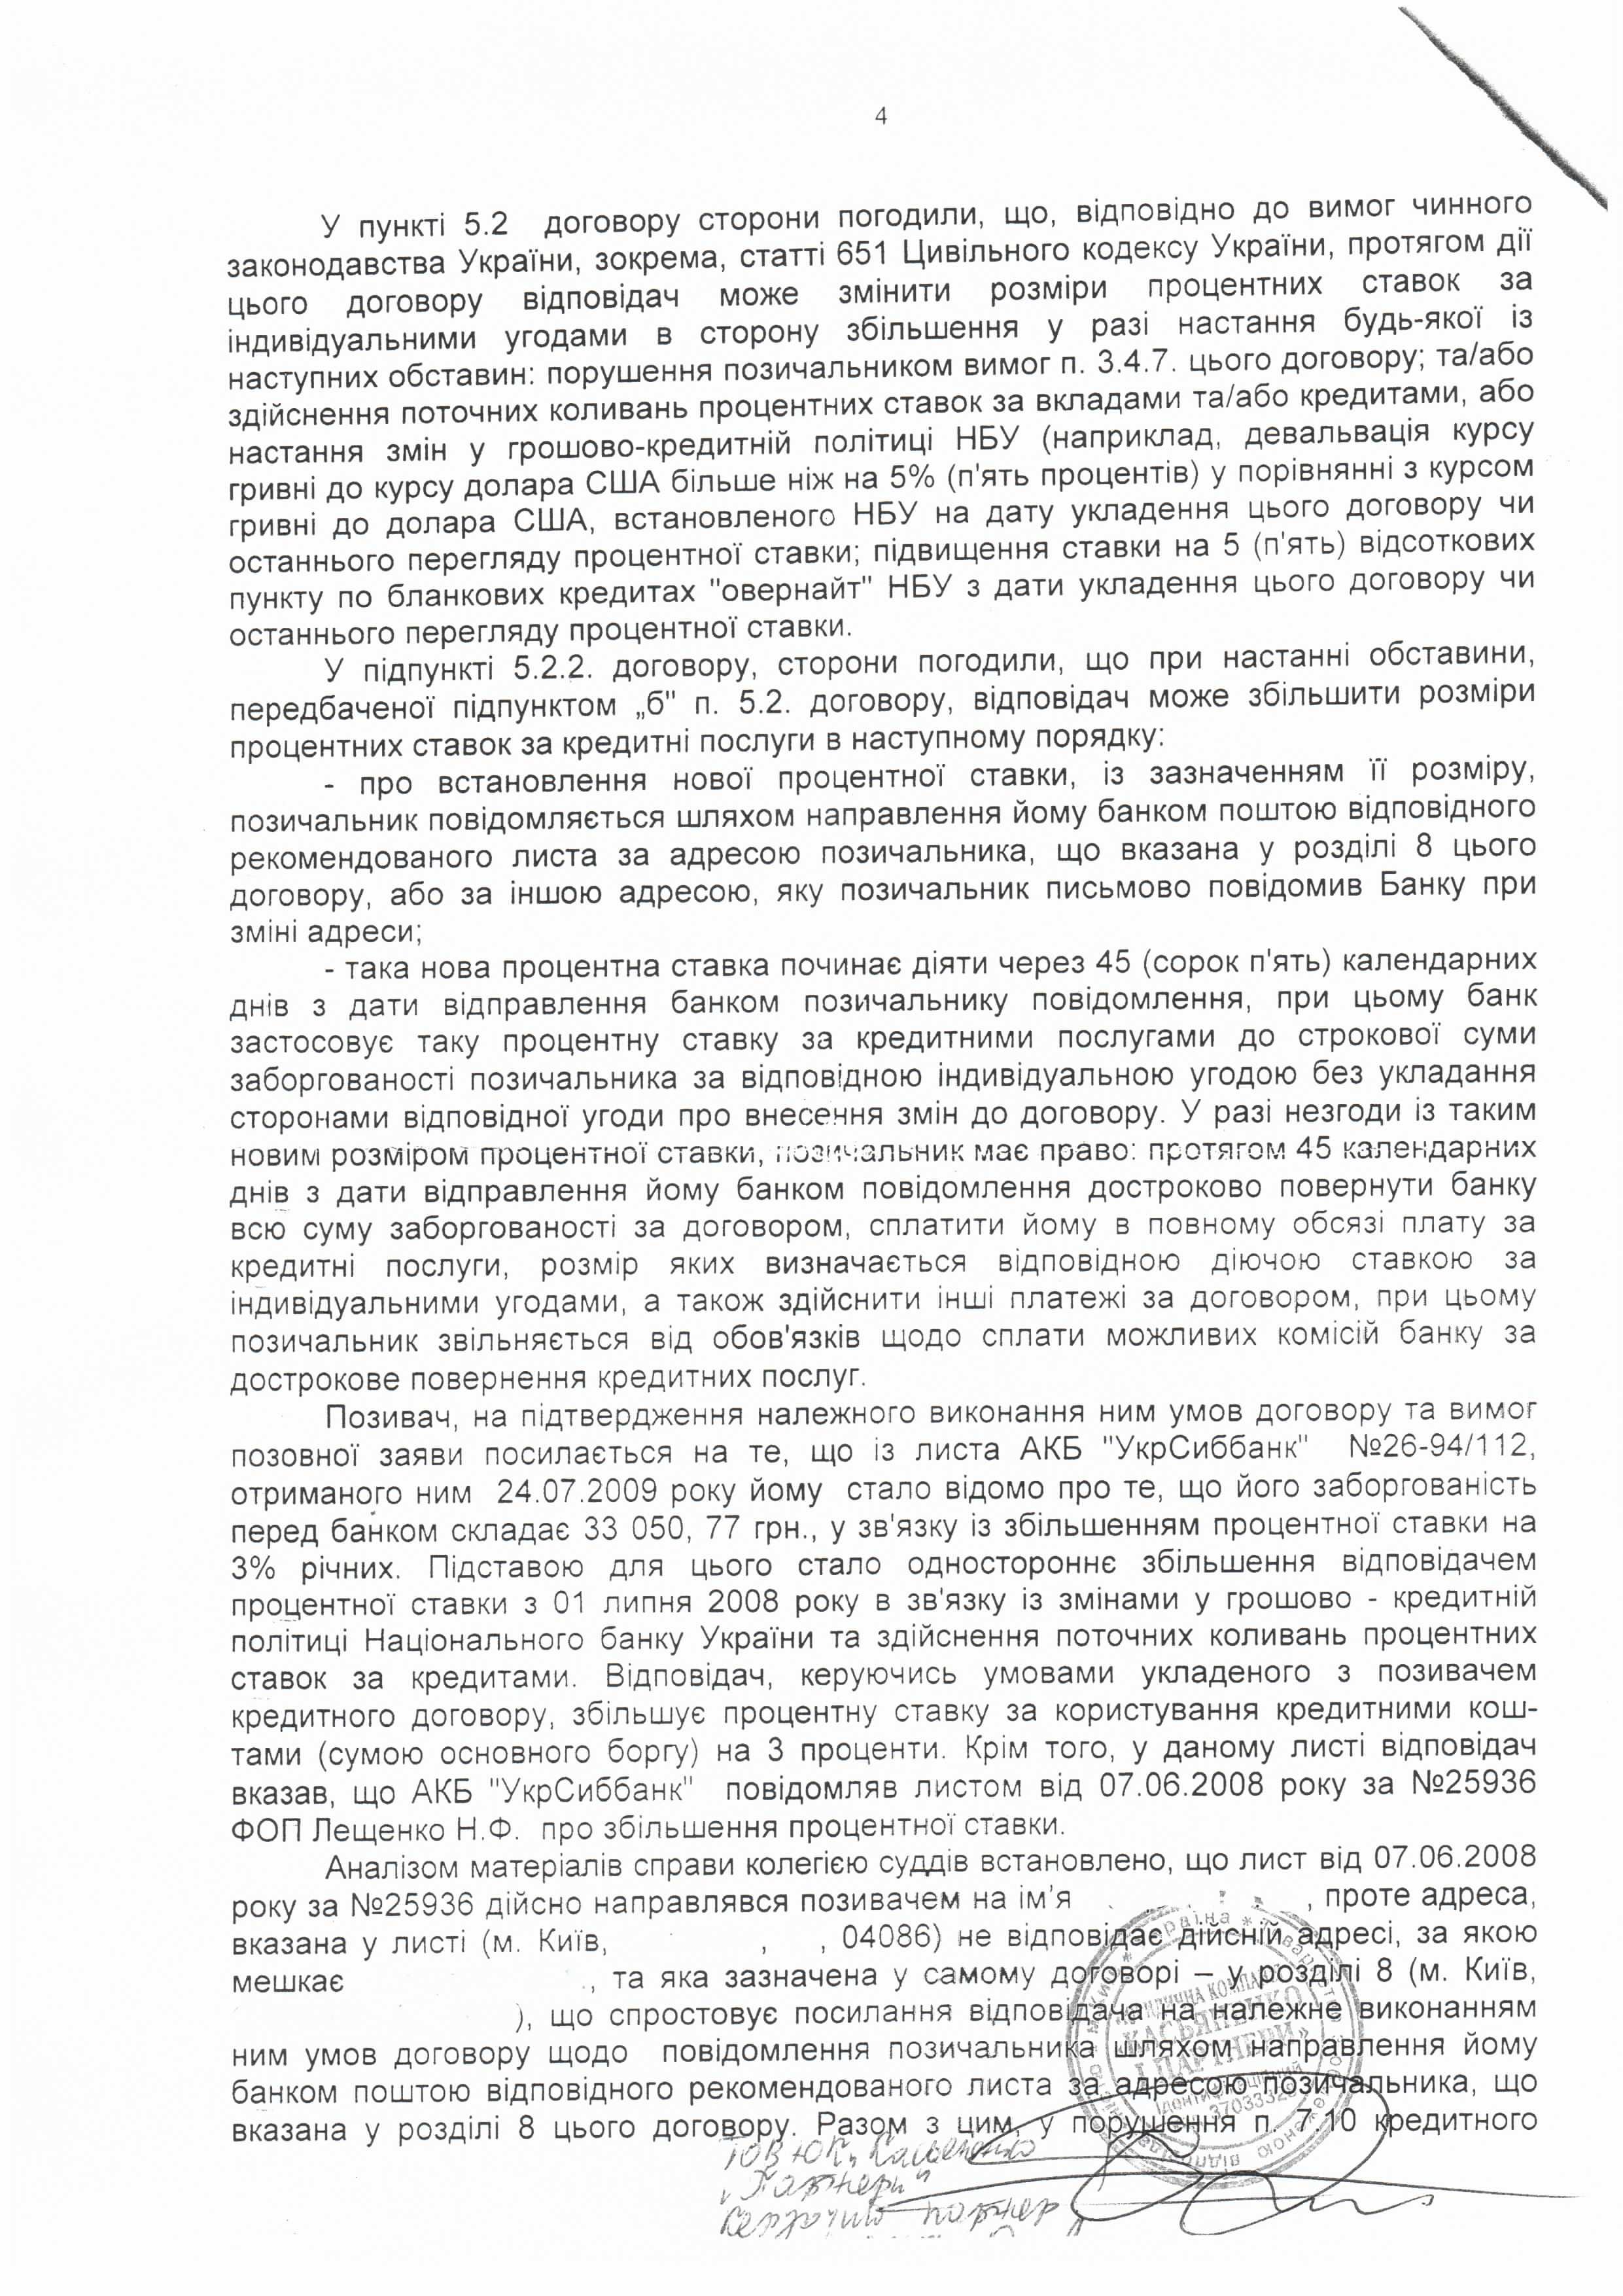 УкрСиббанк через суд уменьшил процентную ставку по кредиту